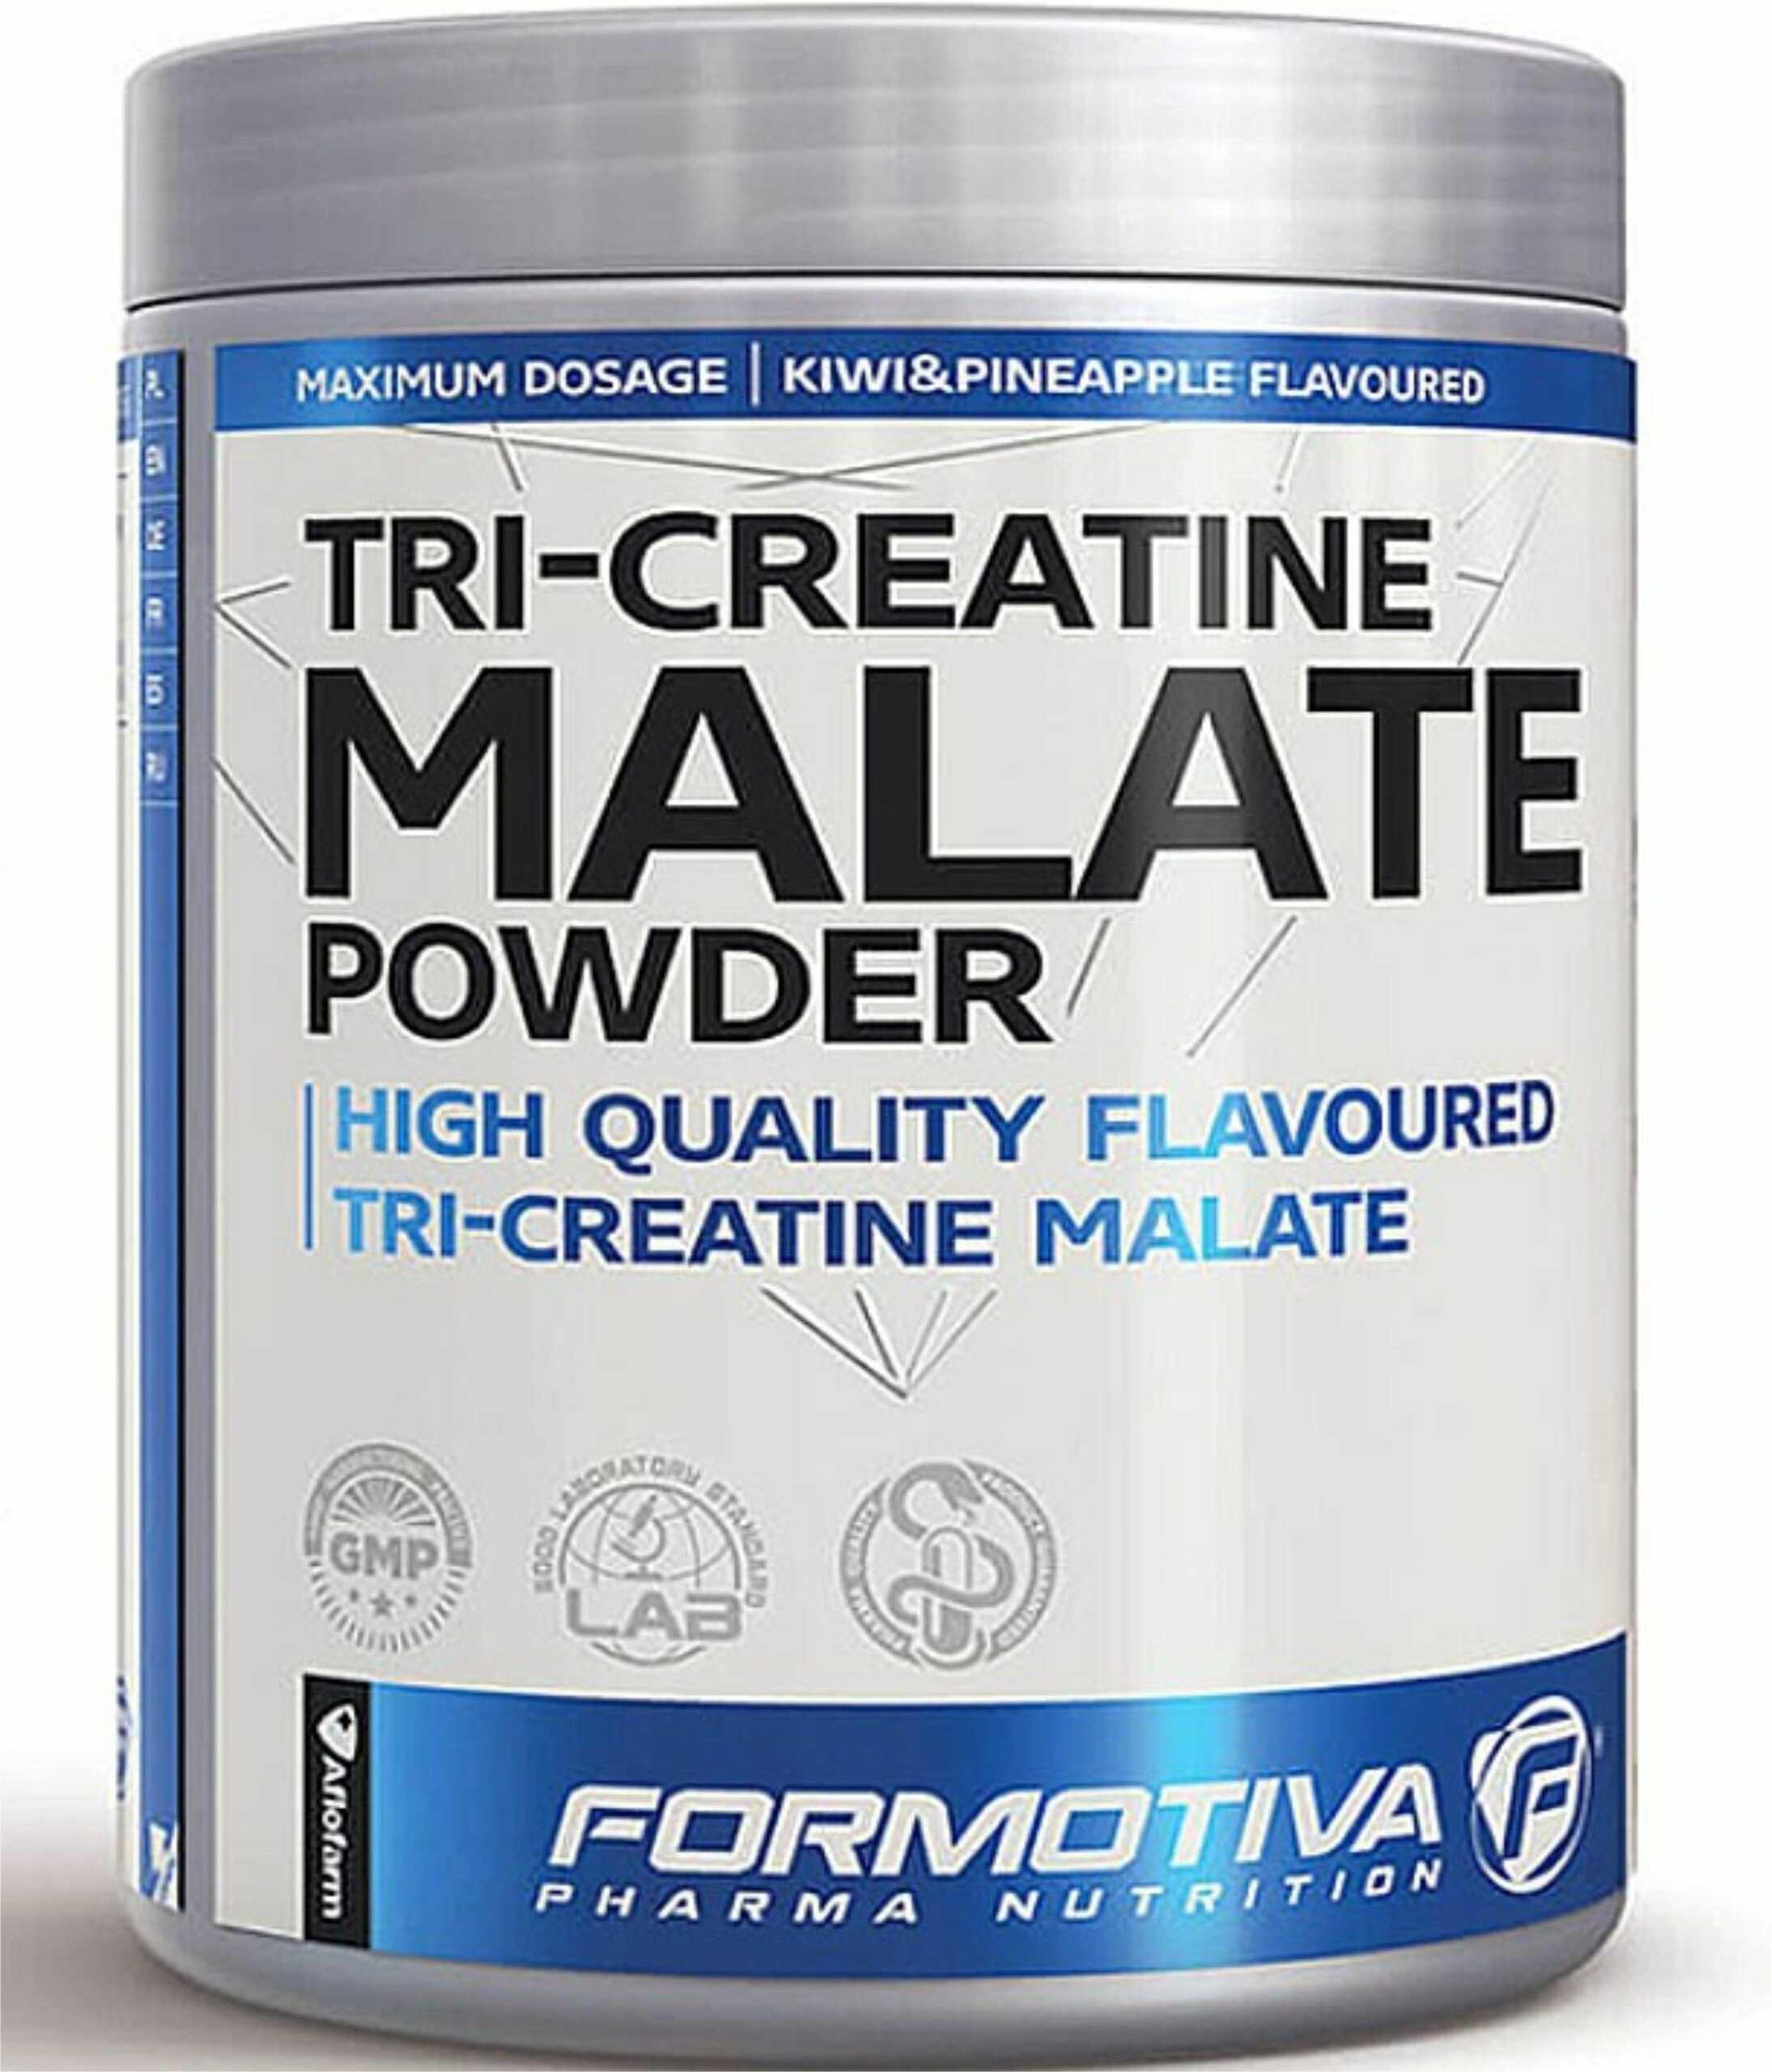 FORMOTIVA Tri-Creatine Malate Powder 400 g czarna porzeczka TANIE ODŻYWKI , NATYCHMIASTOWA WYSYŁKA !